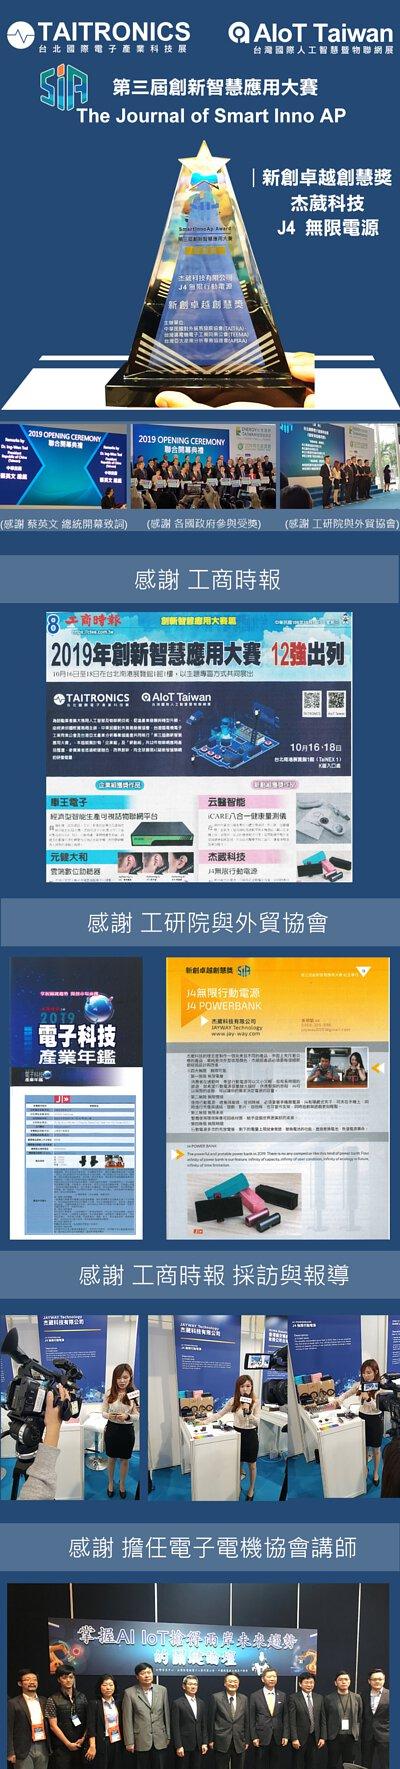 J4無限電源,行動電源,推薦,無限電源,推薦行動電源,得獎,J4